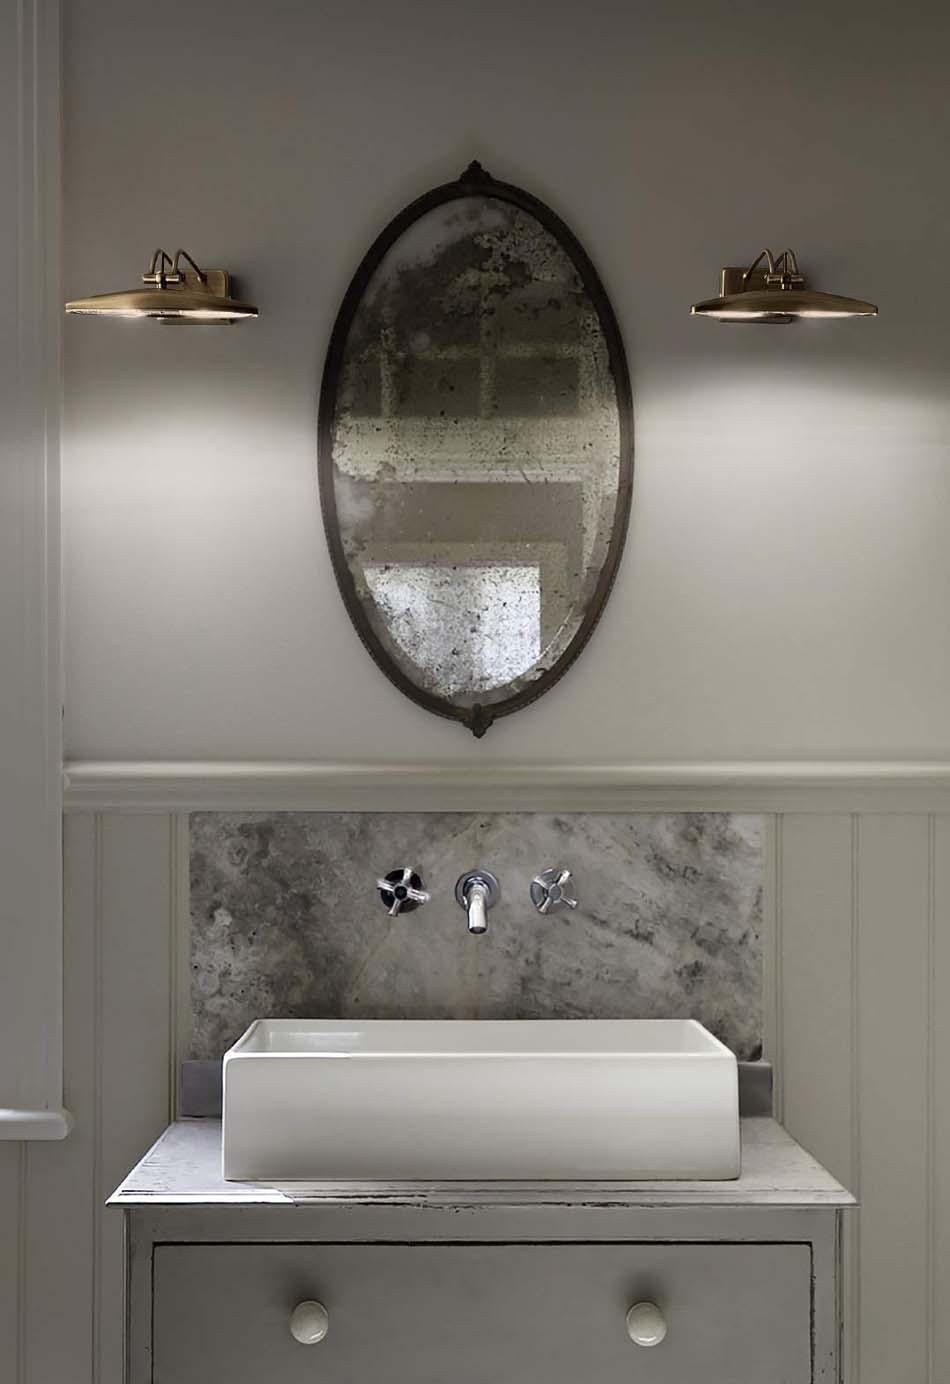 Lampade 31 soffitto parete Ideal Lux Mirror-20 – Toscana Arredamenti